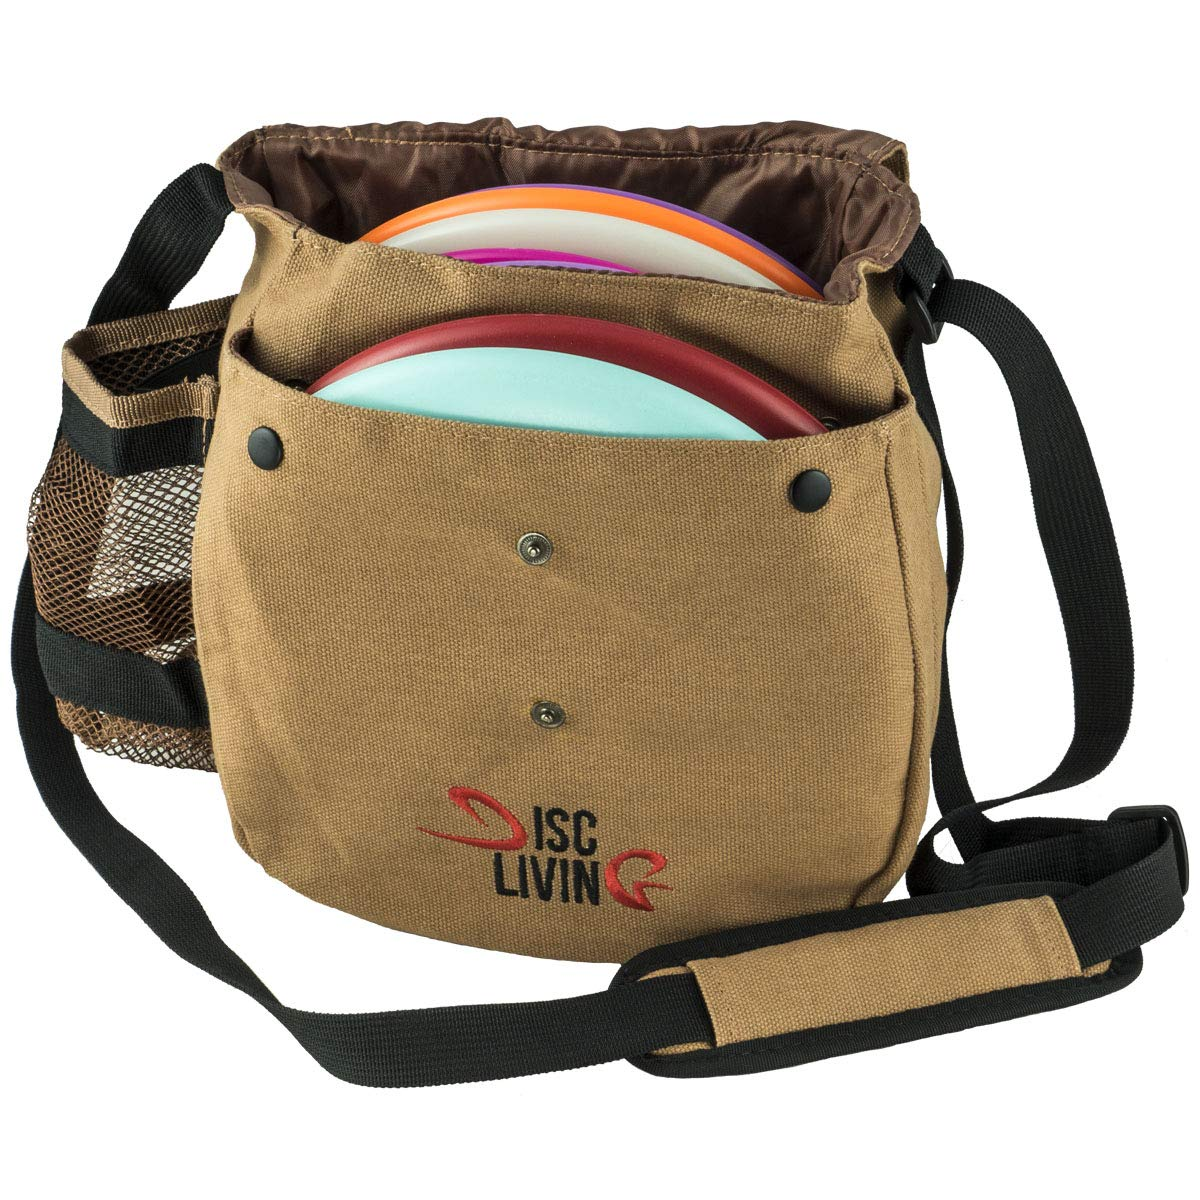 Disc Living Disc Golf Bag | Frisbee Golf Bag | Lightweight Fits Up to 10 Discs | Belt Loop | Adjustable Shoulder Strap Padding | Double Front Button Design | Bottle Holder | Durable Canvas (Brown) by Disc Living